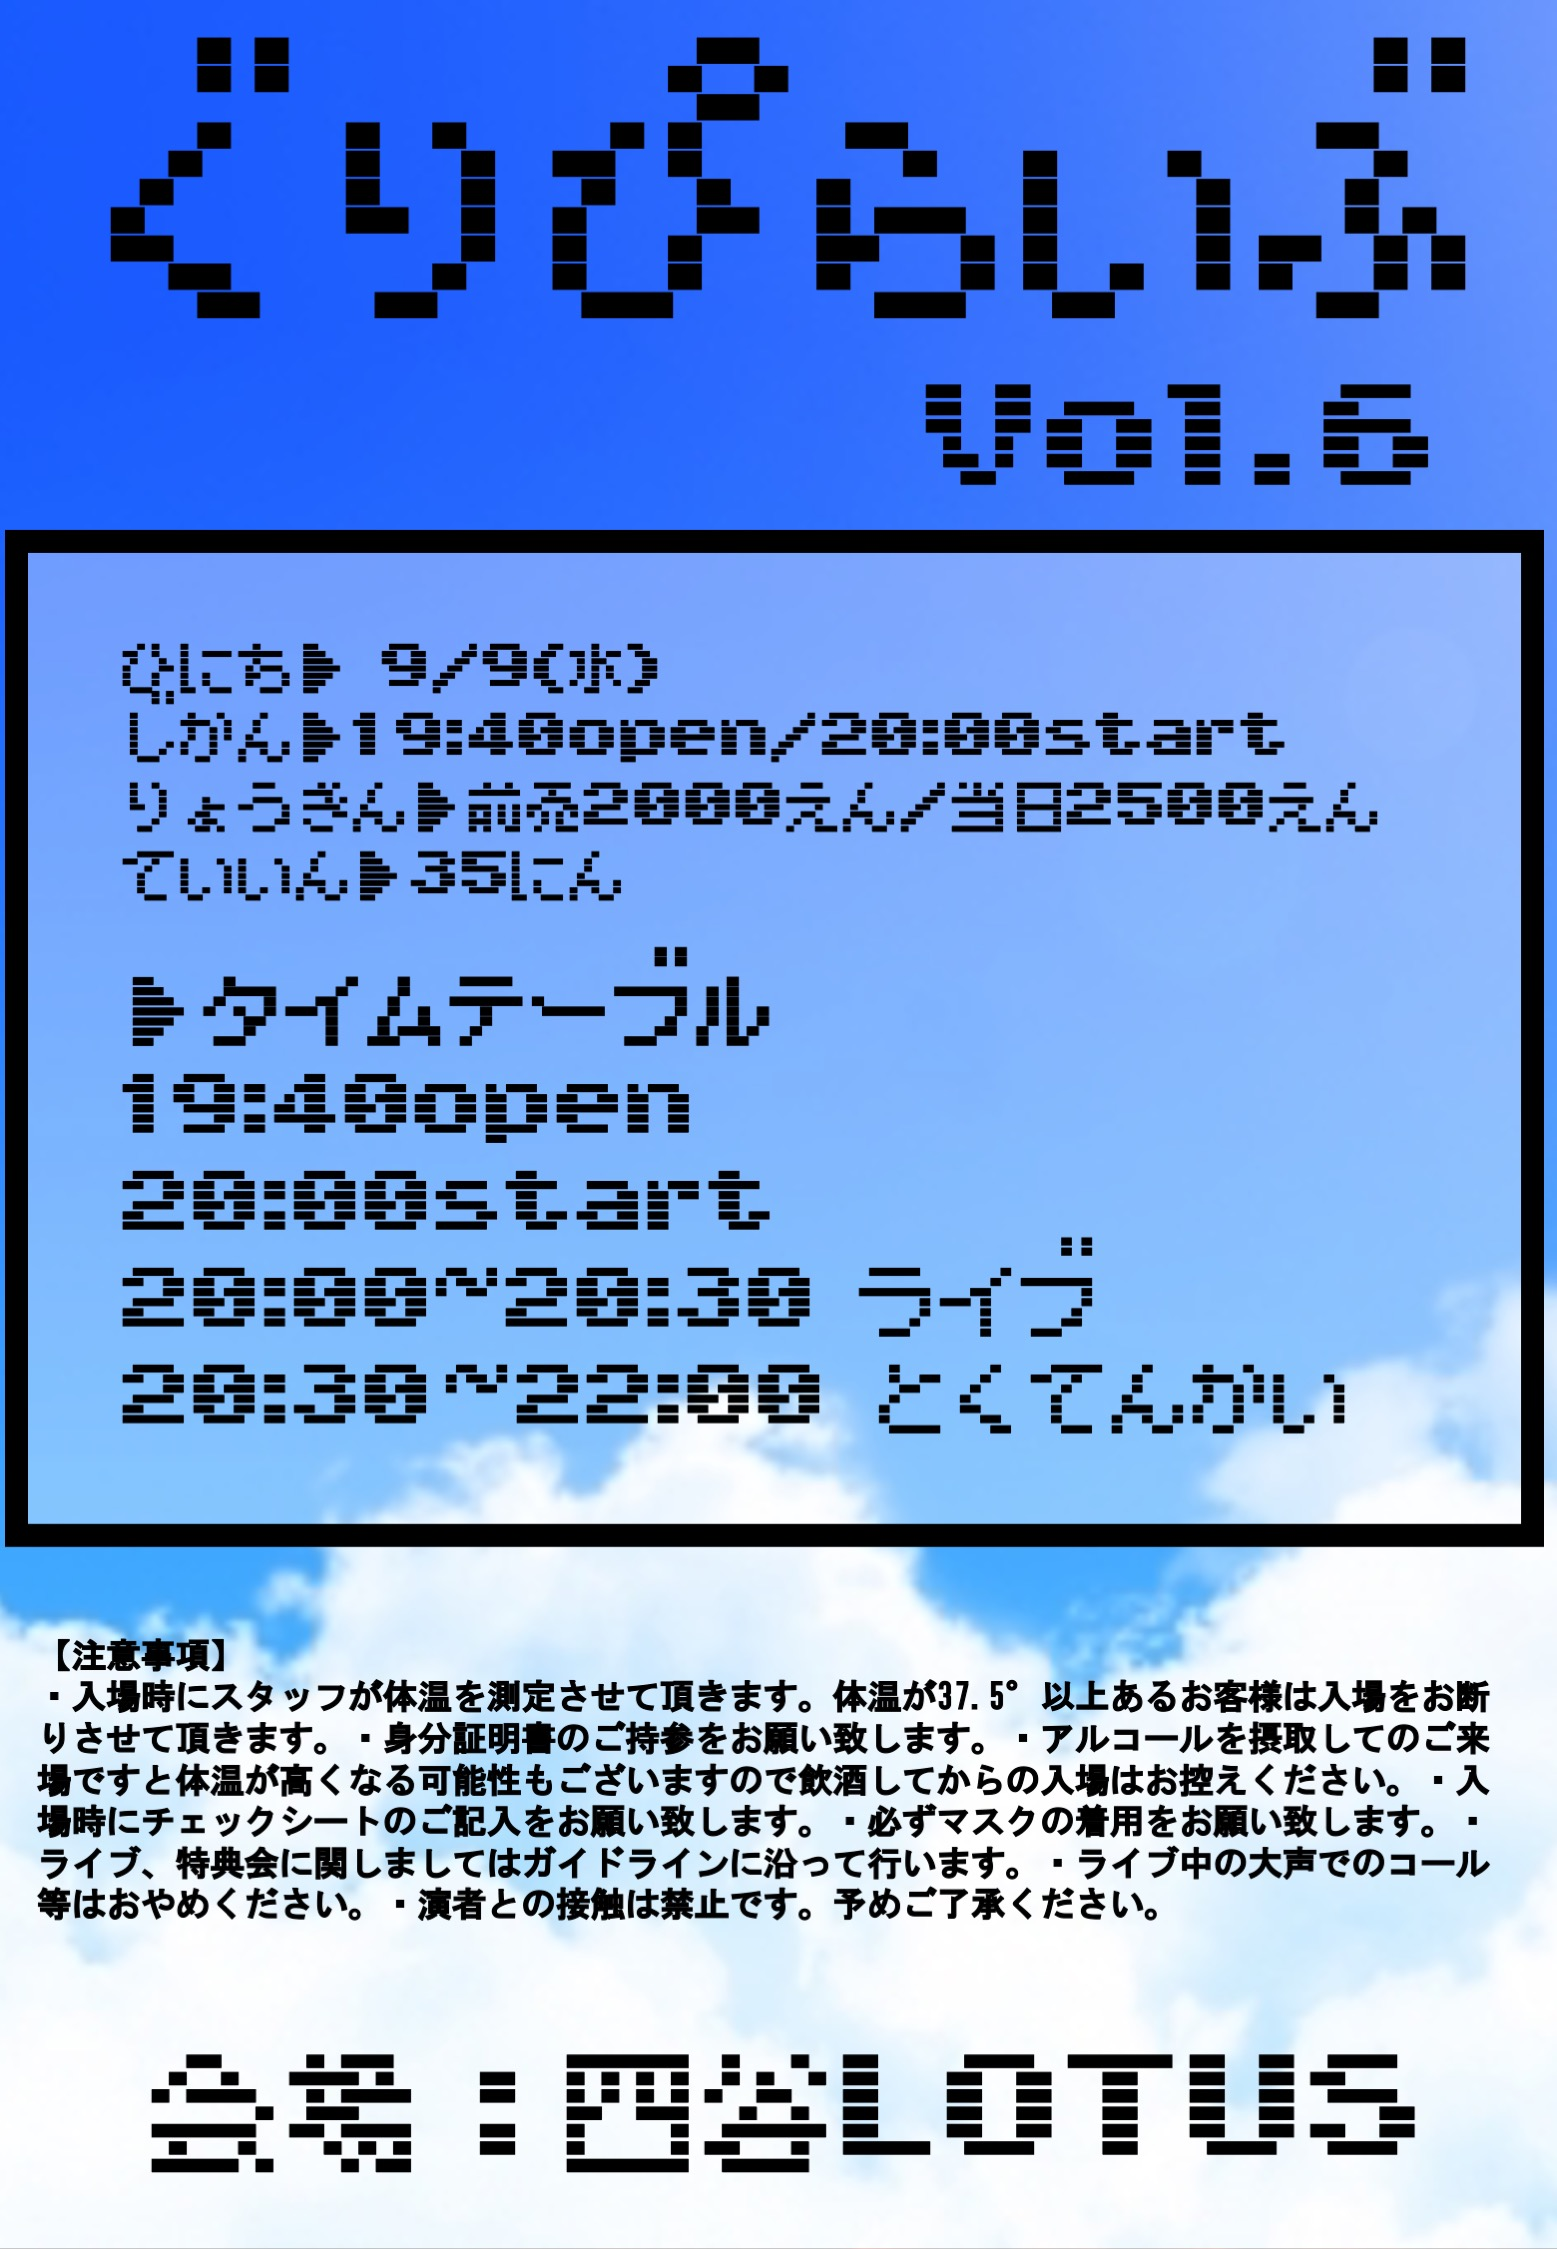 ぐりぴらいぶ Vol.6